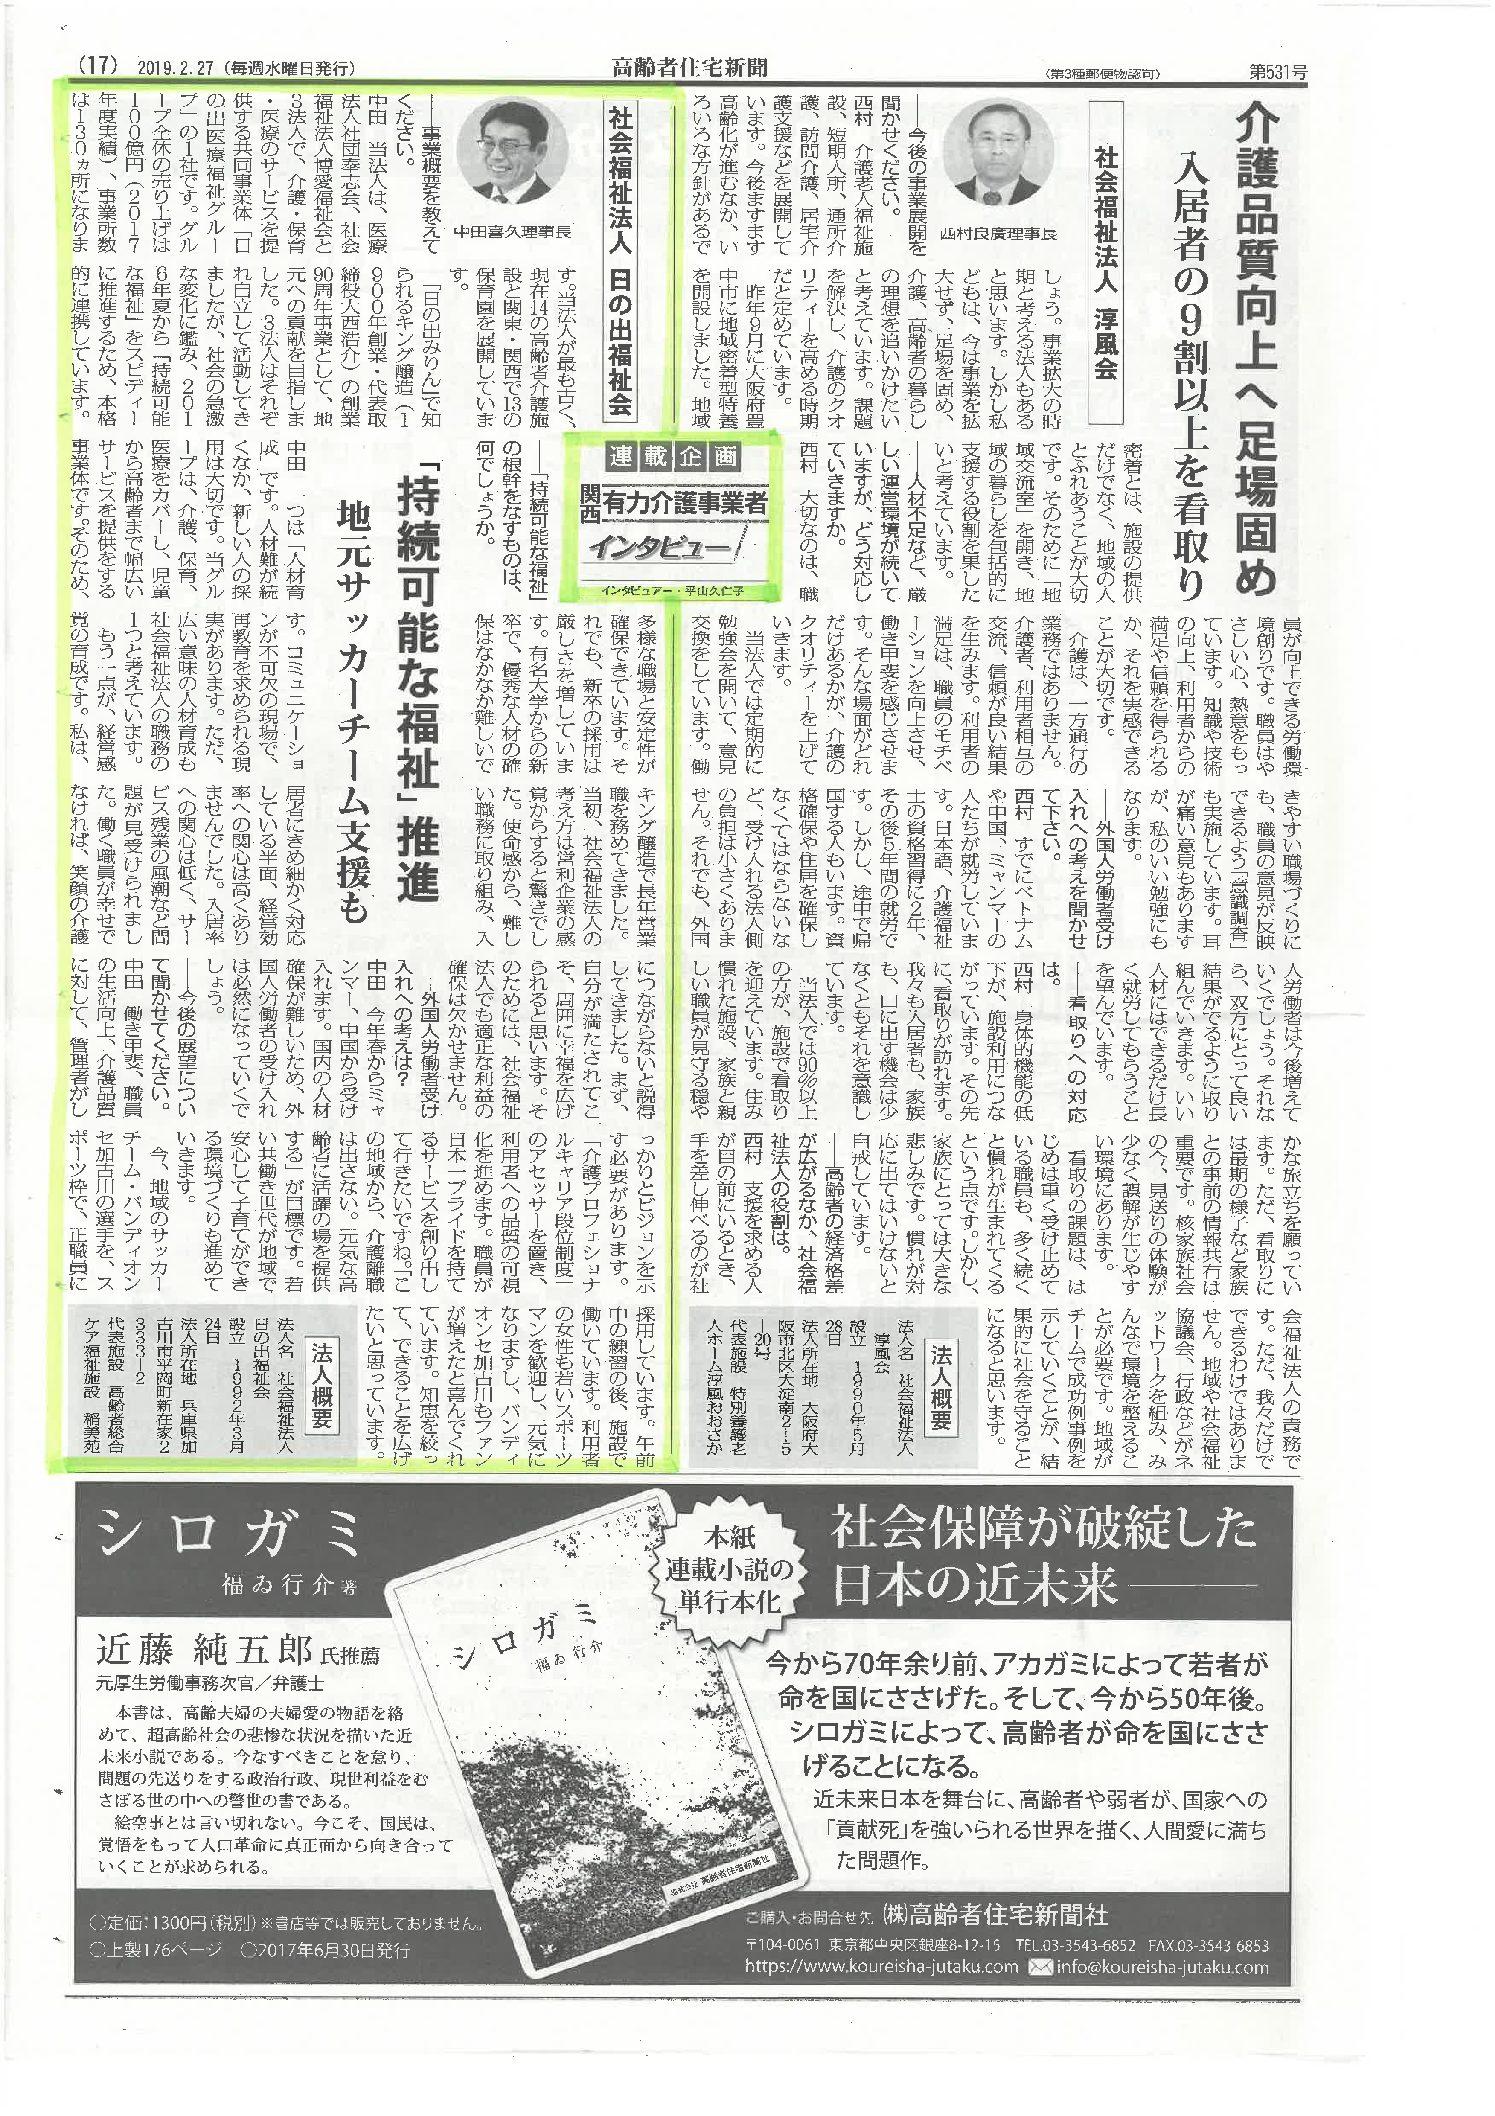 日の出福祉会の中田理事長インタビューが、高齢者住宅新聞に掲載されました。